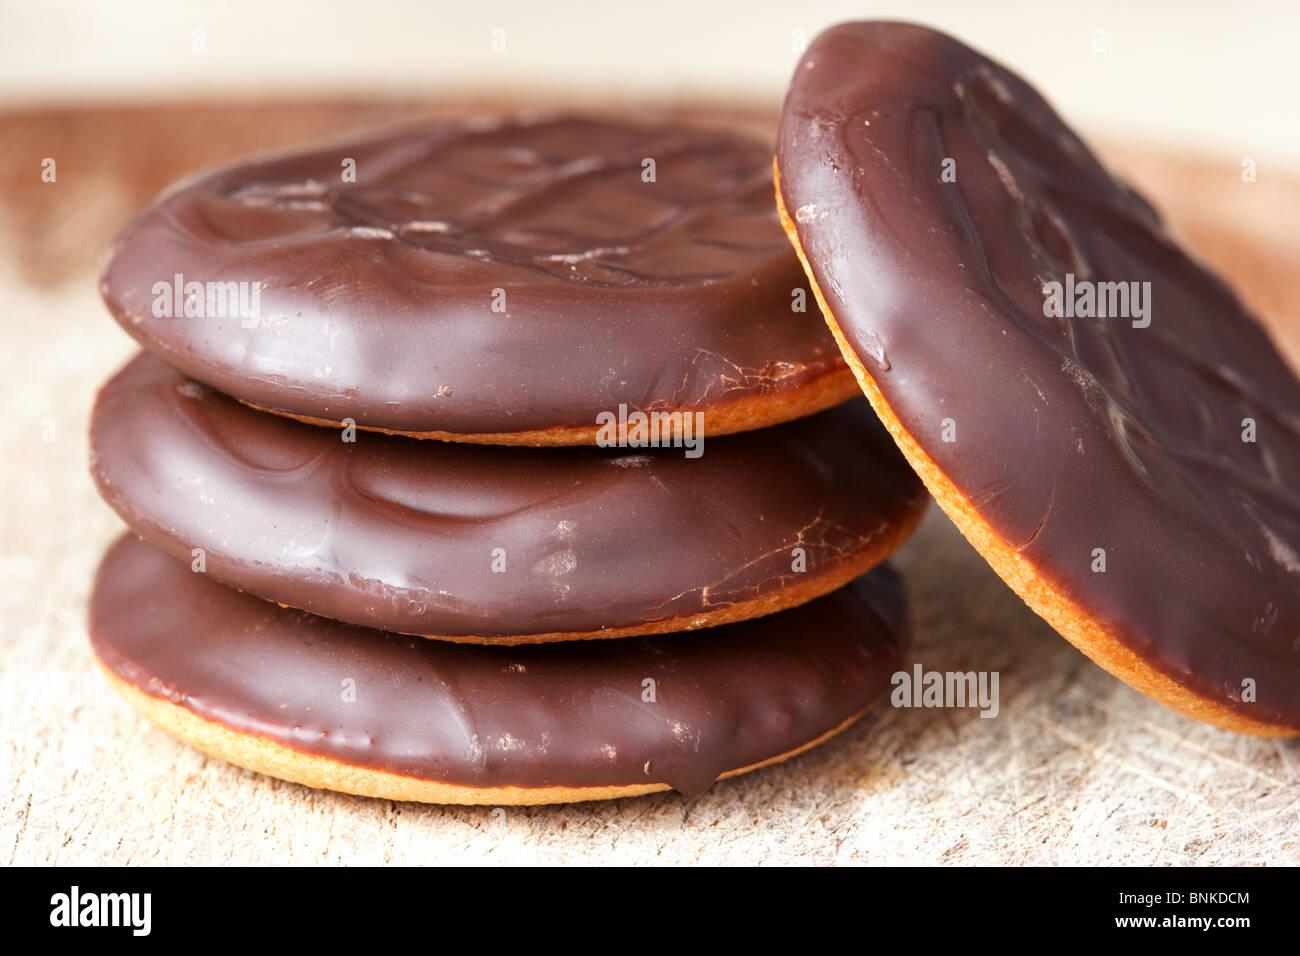 Haufen von Schokolade bedeckt billige Jaffa Kuchen Stockbild